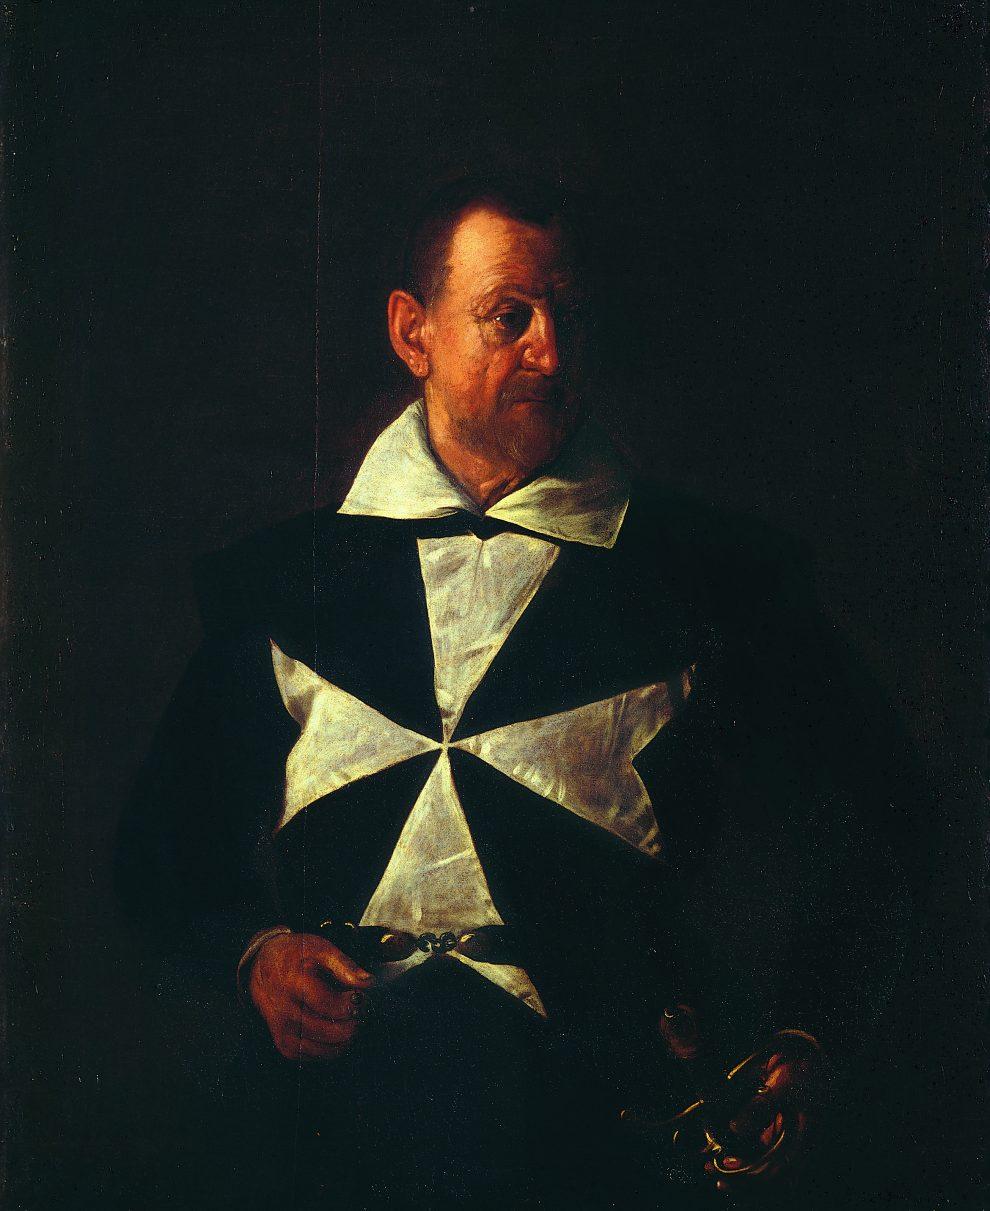 Ritratto di un cavaliere di Malta, 1607-1608. Olio su tela, 118,5 x 95 cm. Galleria Palatina di Palazzo Pitti, Firenze Gabinetto fotografico delle Gallerie degli Uffizi, Firenze